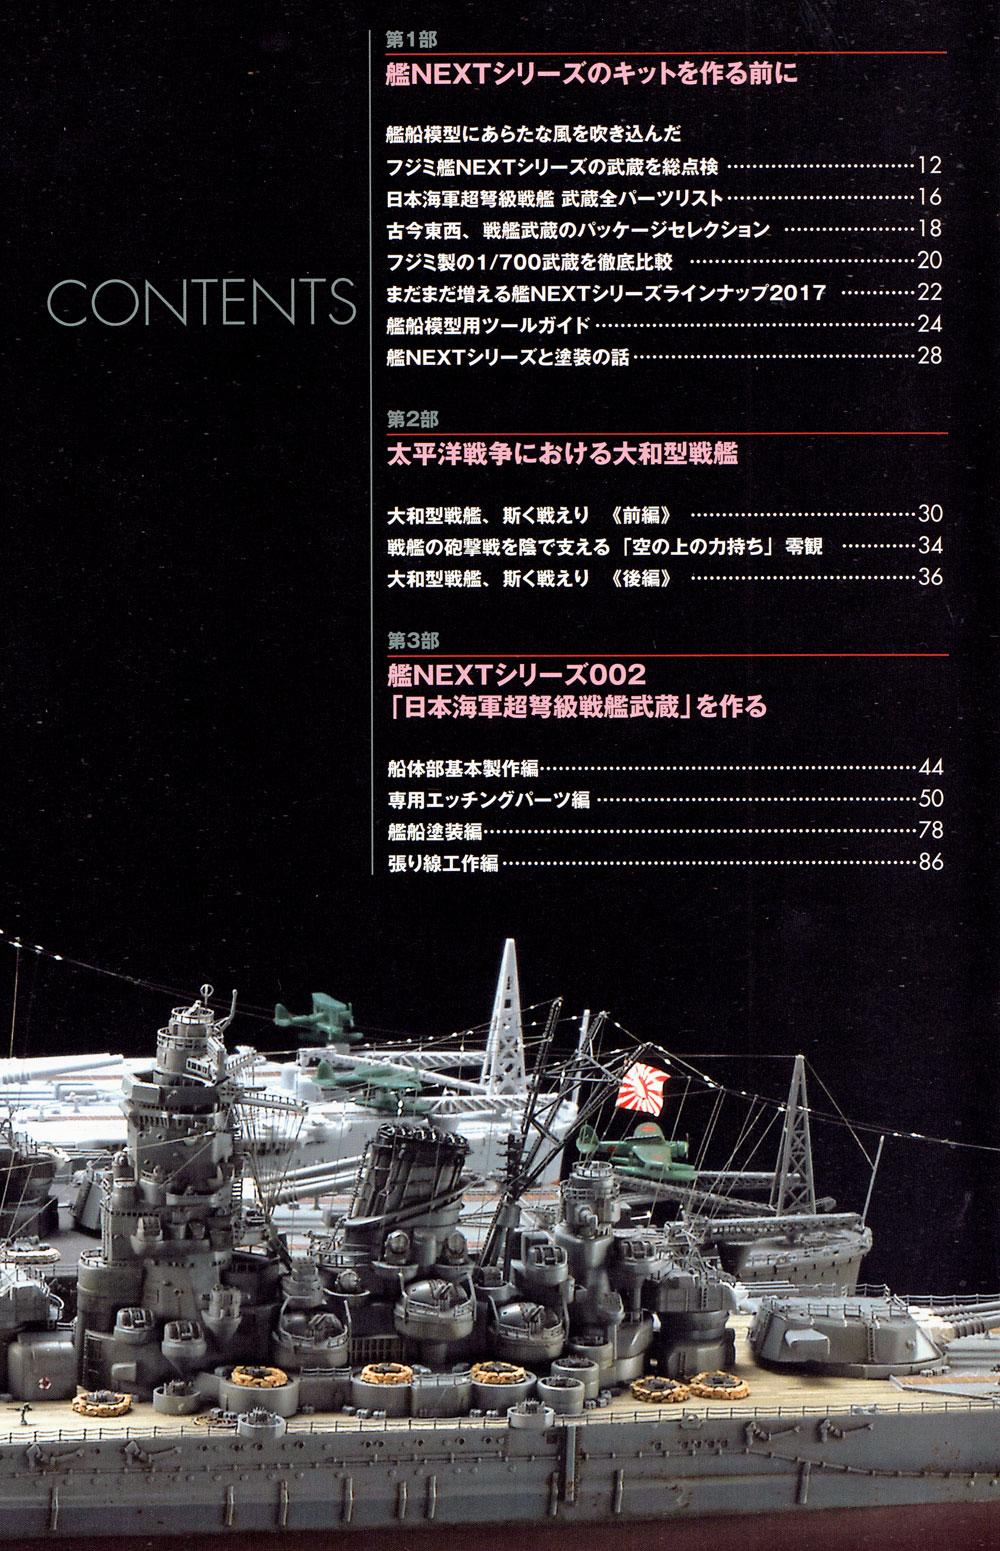 艦NEXTシリーズを極める 日本海軍戦艦 武蔵 パーフェクト製作ガイド本(大日本絵画船舶関連書籍No.23202-9)商品画像_1